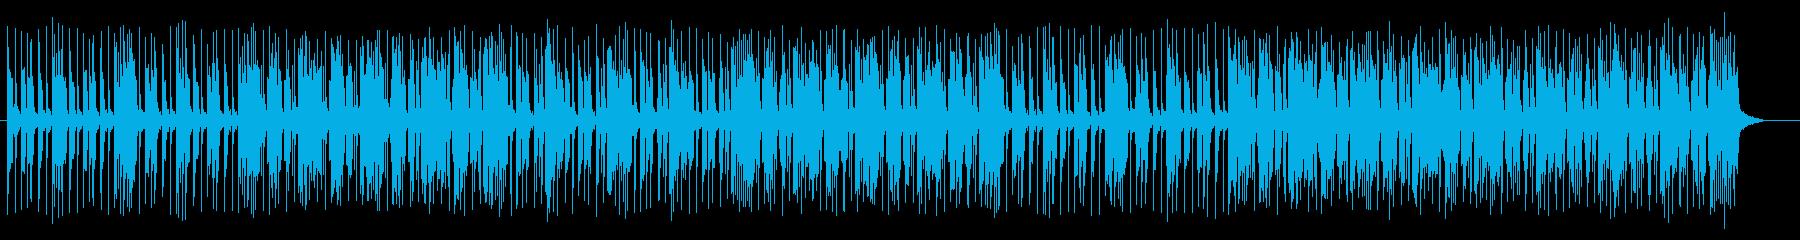 陽気なオルガンのジャズポップの再生済みの波形